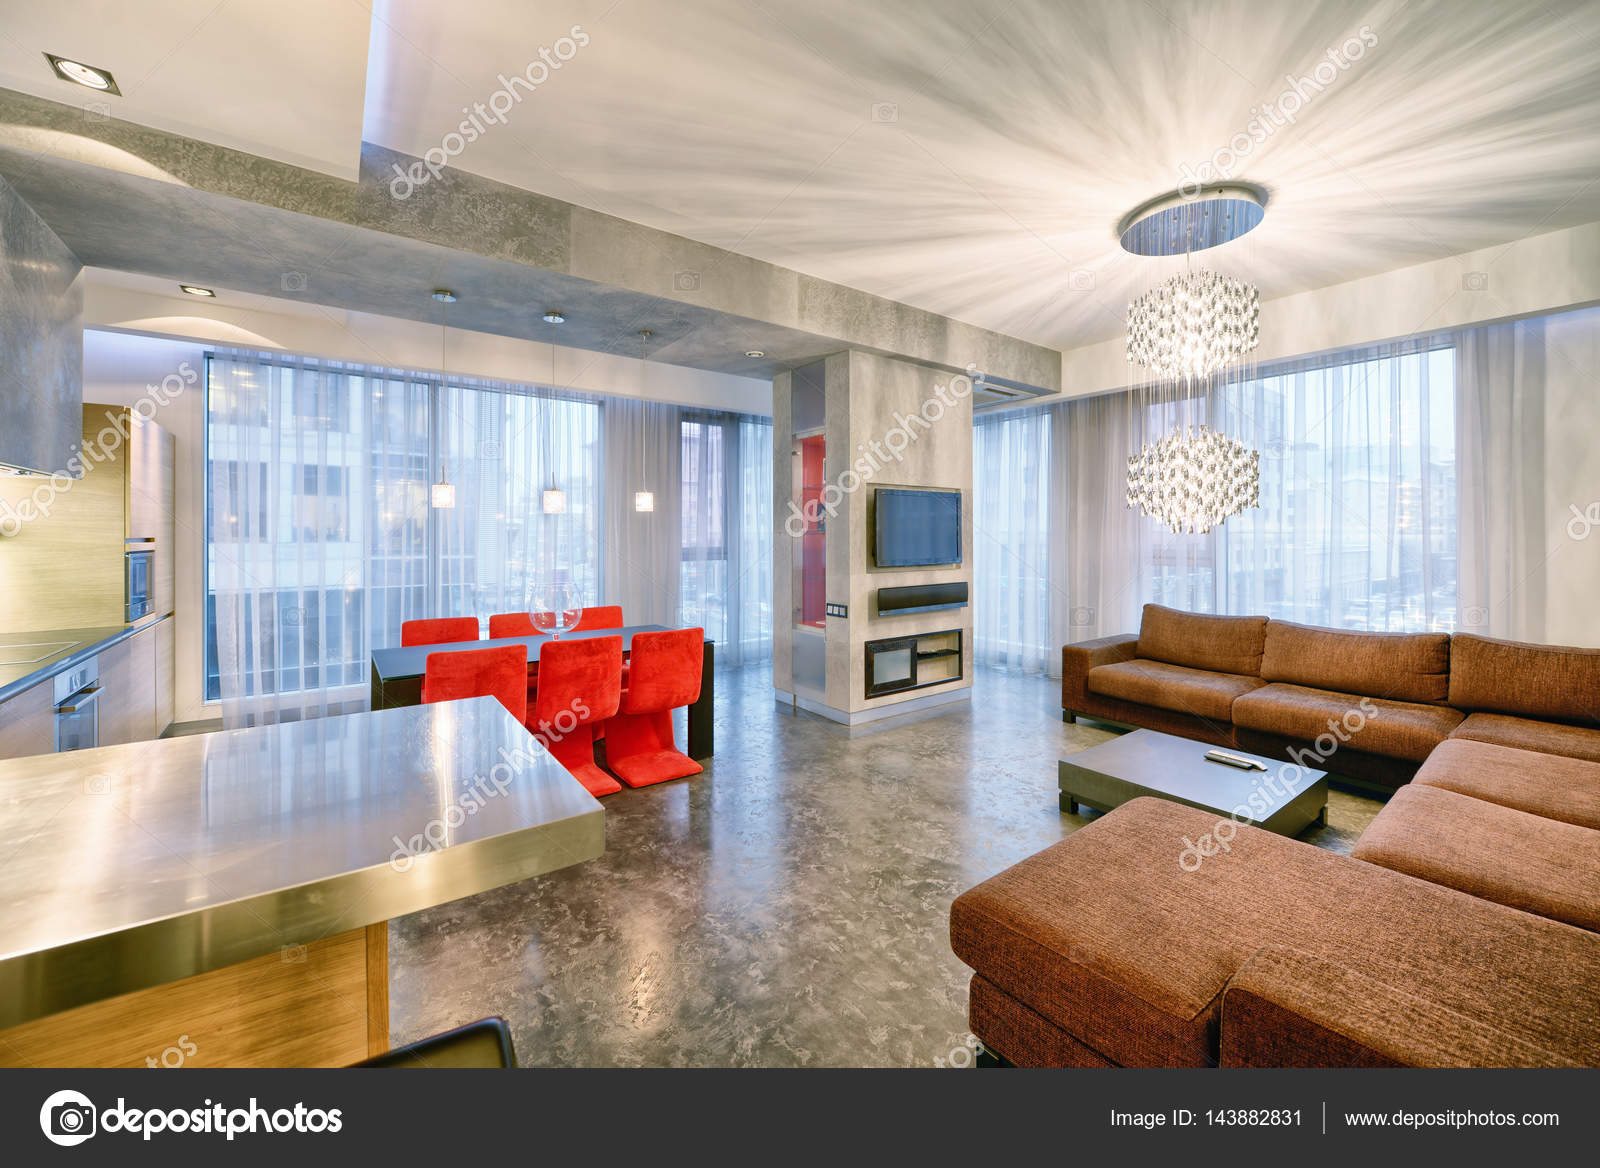 Interieur design keuken woonkamer in luxe nieuw appartement